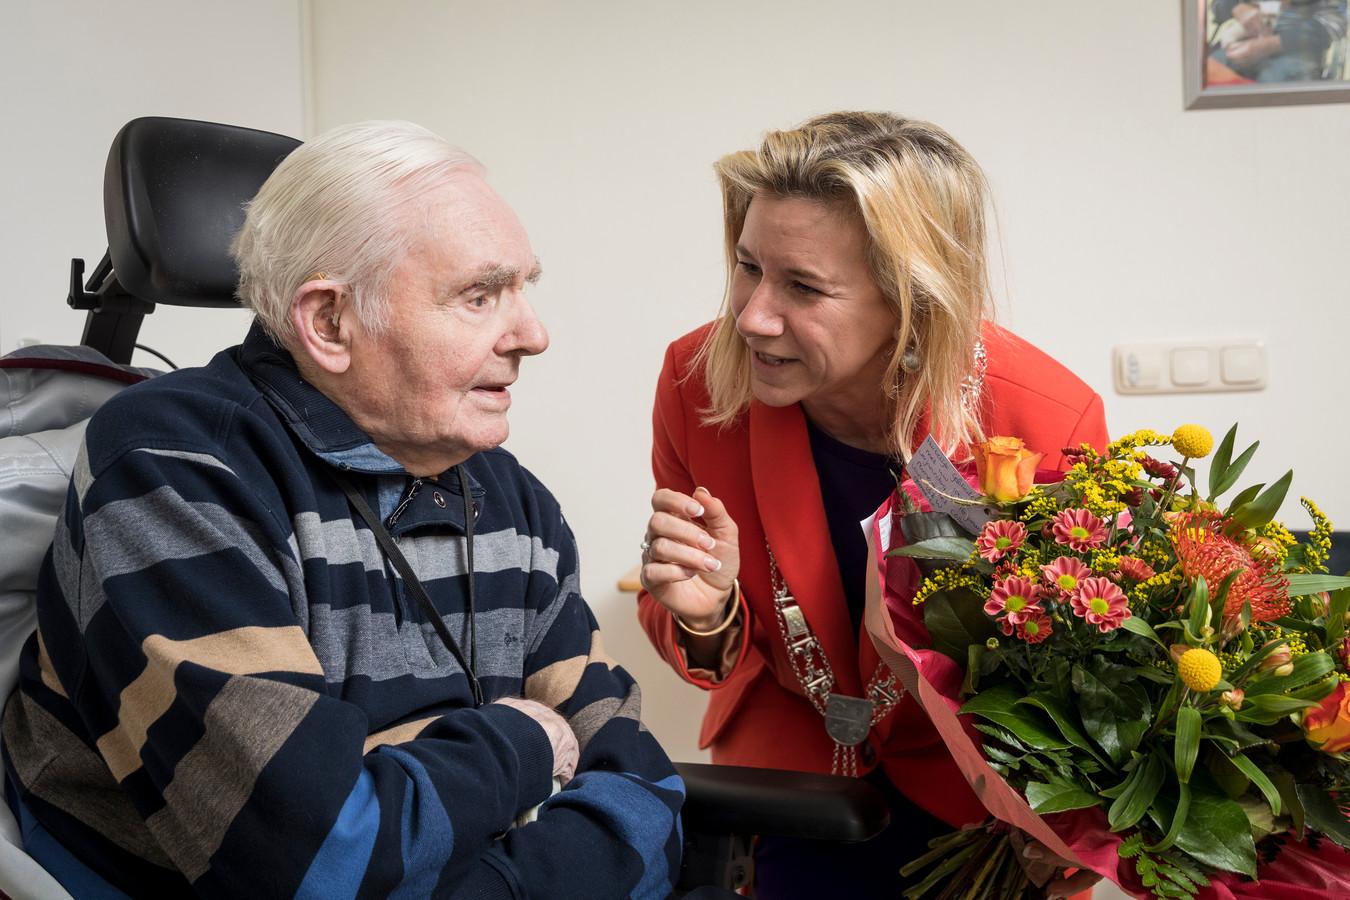 Jacob Logtenberg uit Wapenveld is de oudste inwoner van de gemeente Heerde. Na zijn 104de verjaardag werd hij bezocht door de net geïnstalleerde burgemeester, Jacqueline Koops-Scheele. Logtenberg hoopt in januari 2020 zijn 105de verjaardag te vieren.